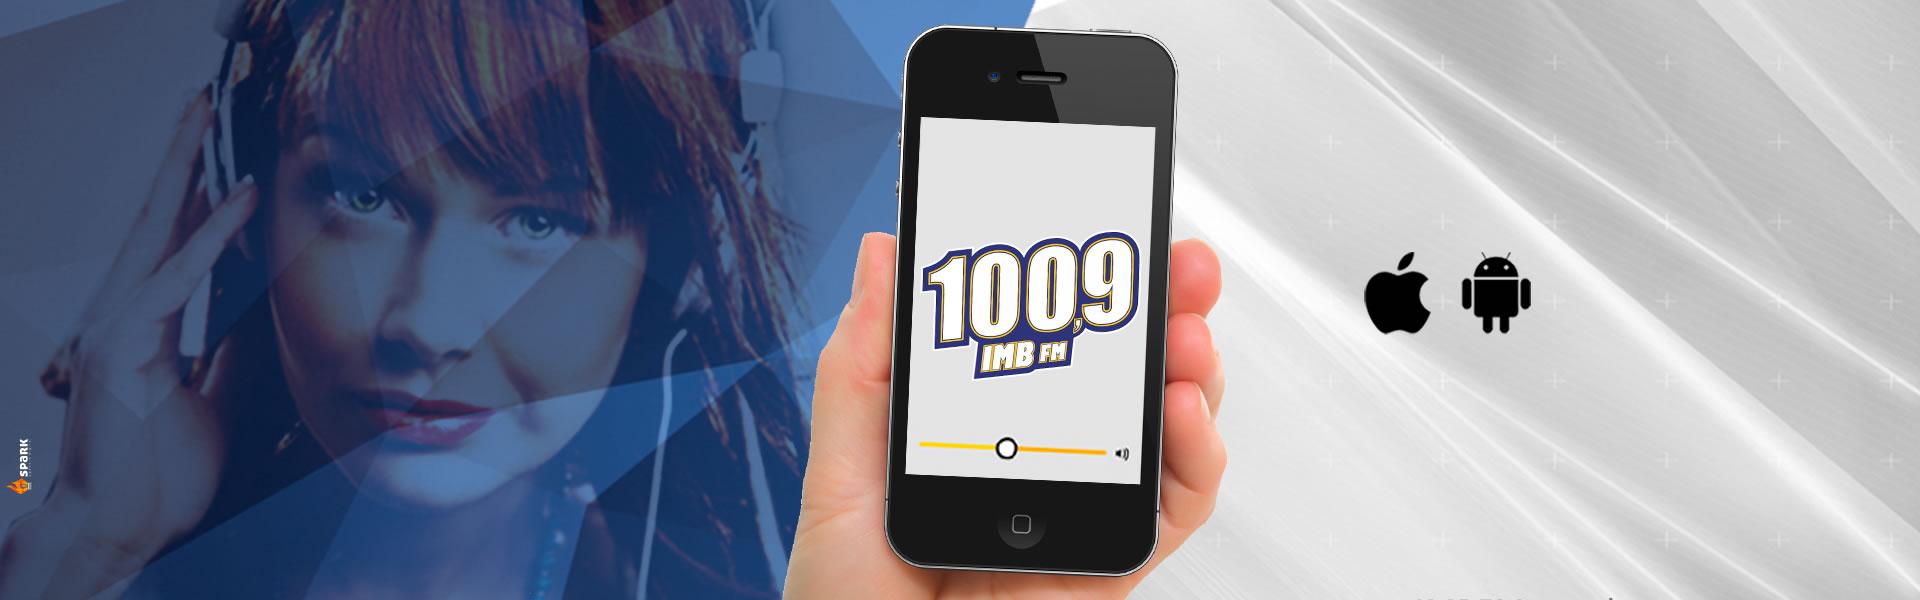 Baixe gratuitamente o aplicativo IMB FM